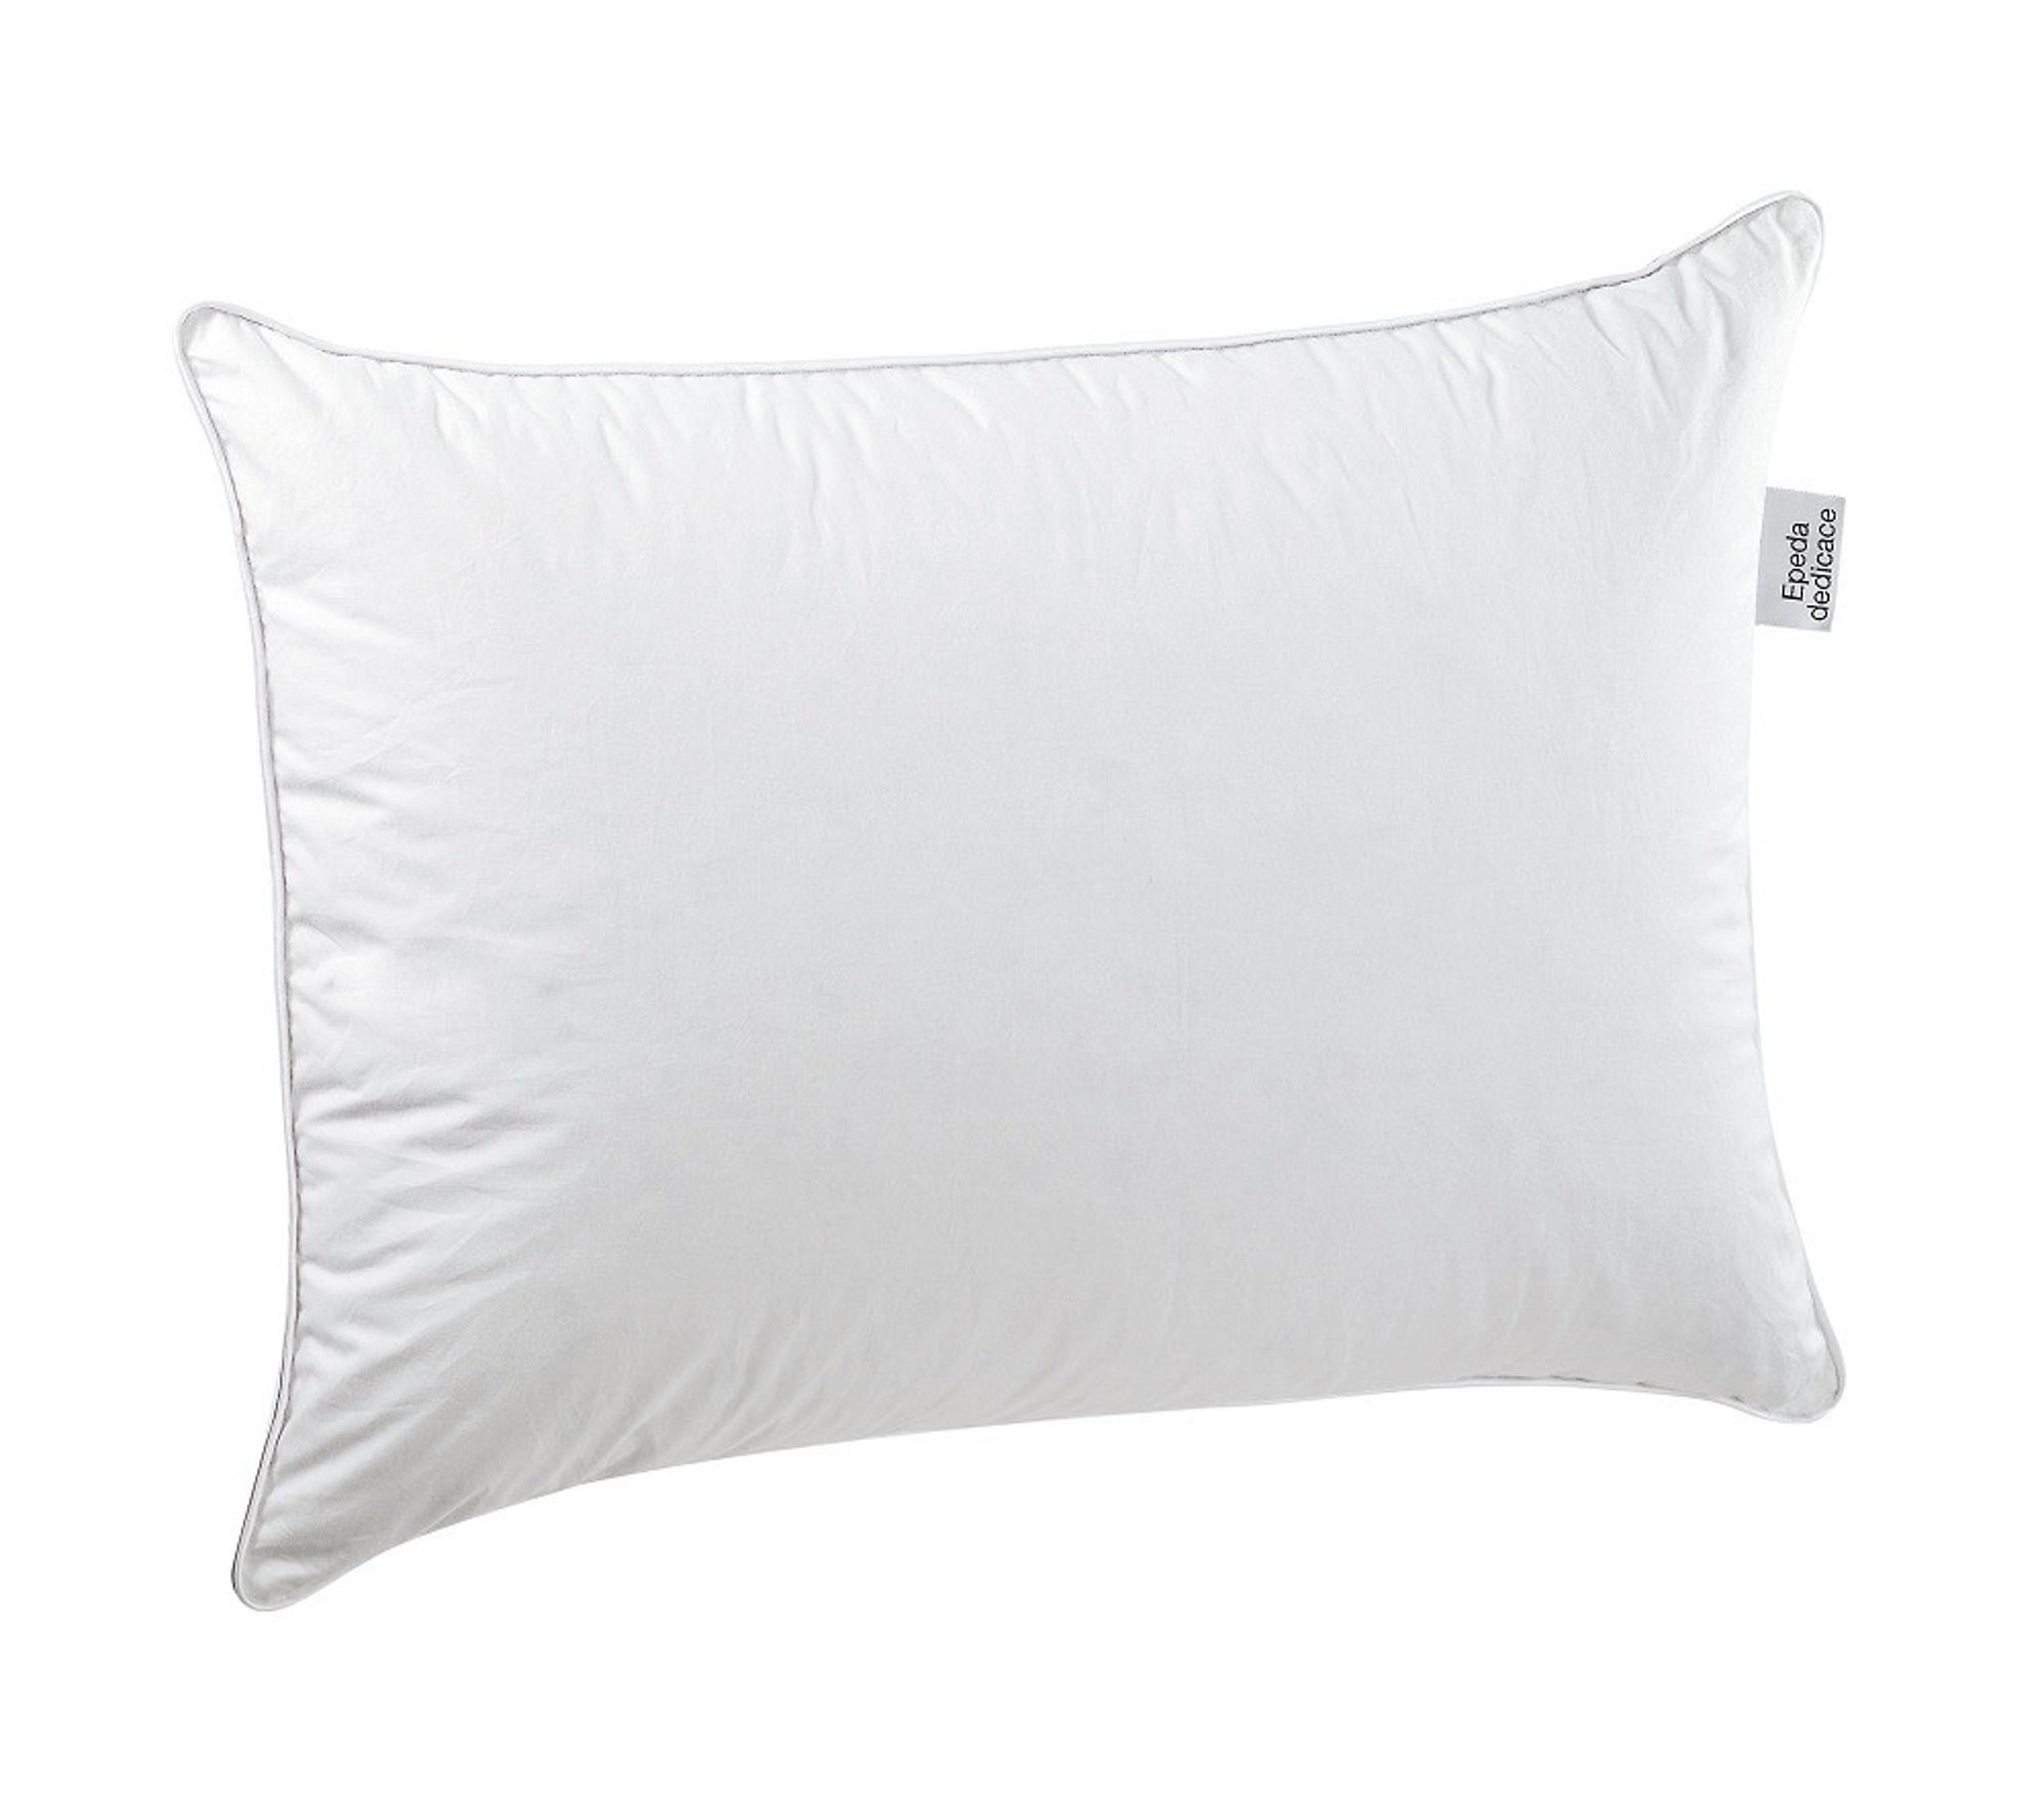 Oreiller à mémoire de forme : qu'est-ce qu'un oreiller à mémoire de forme ?